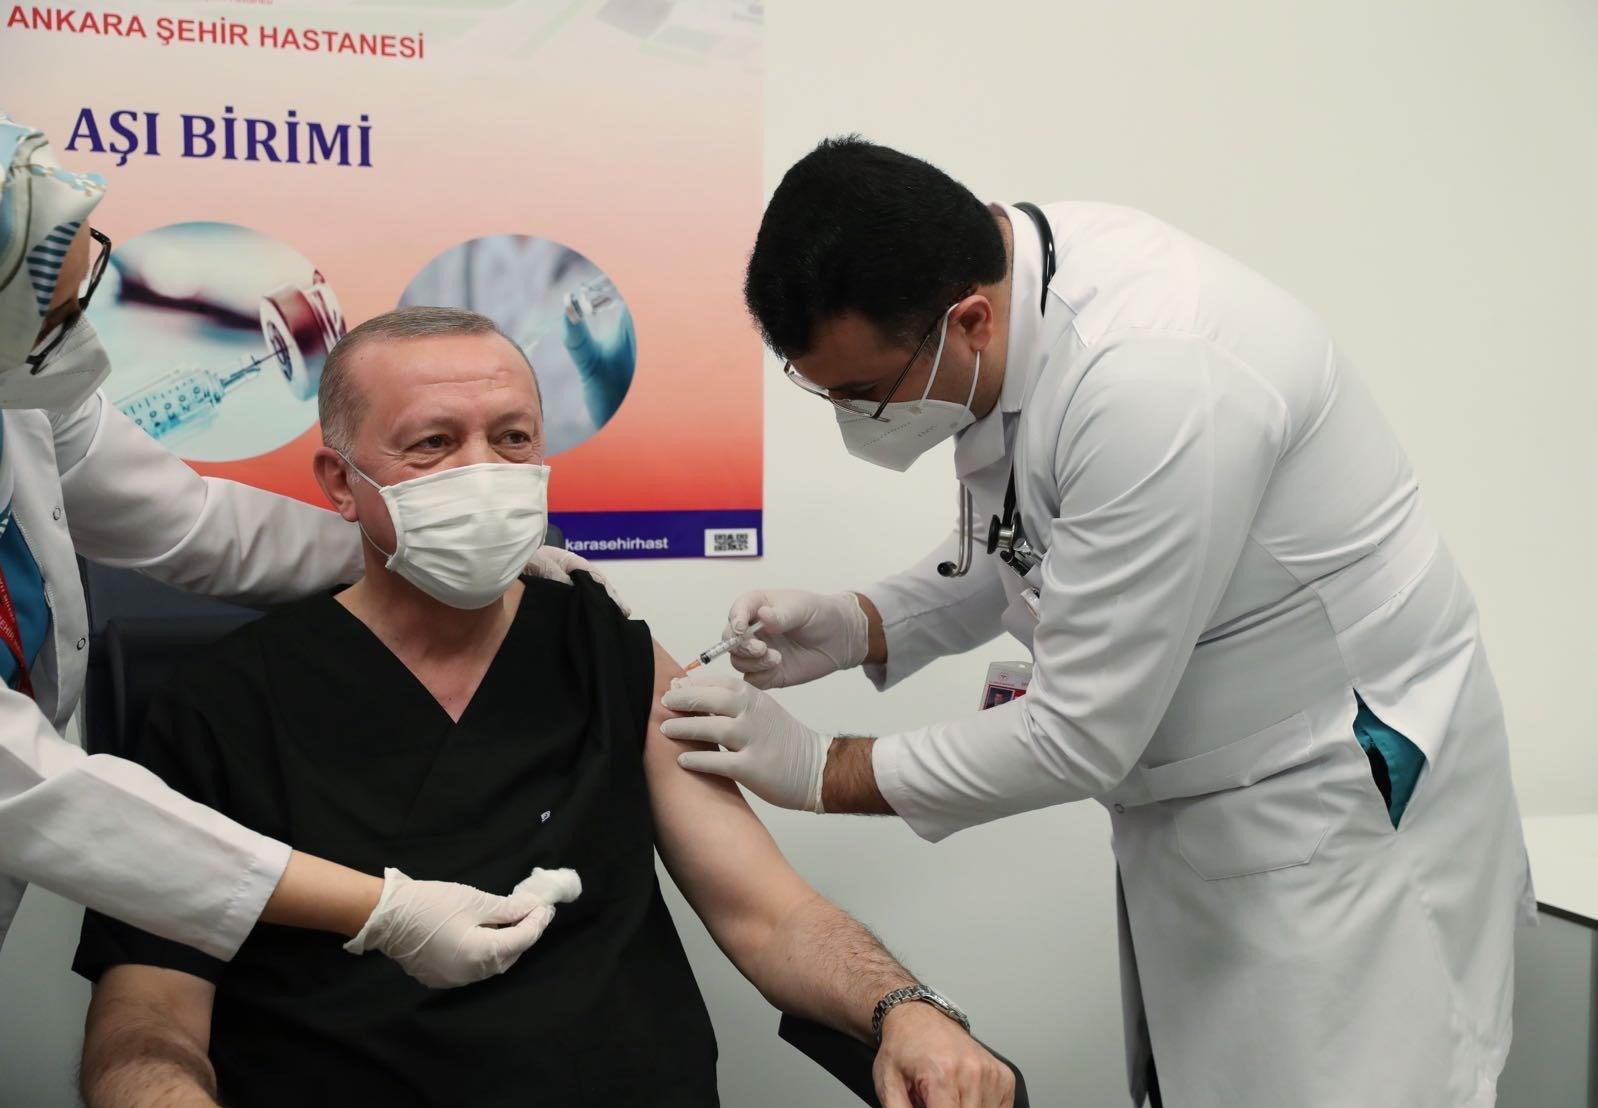 Aşı olan Cumhurbaşkanı Erdoğan'dan ilk fotoğraf